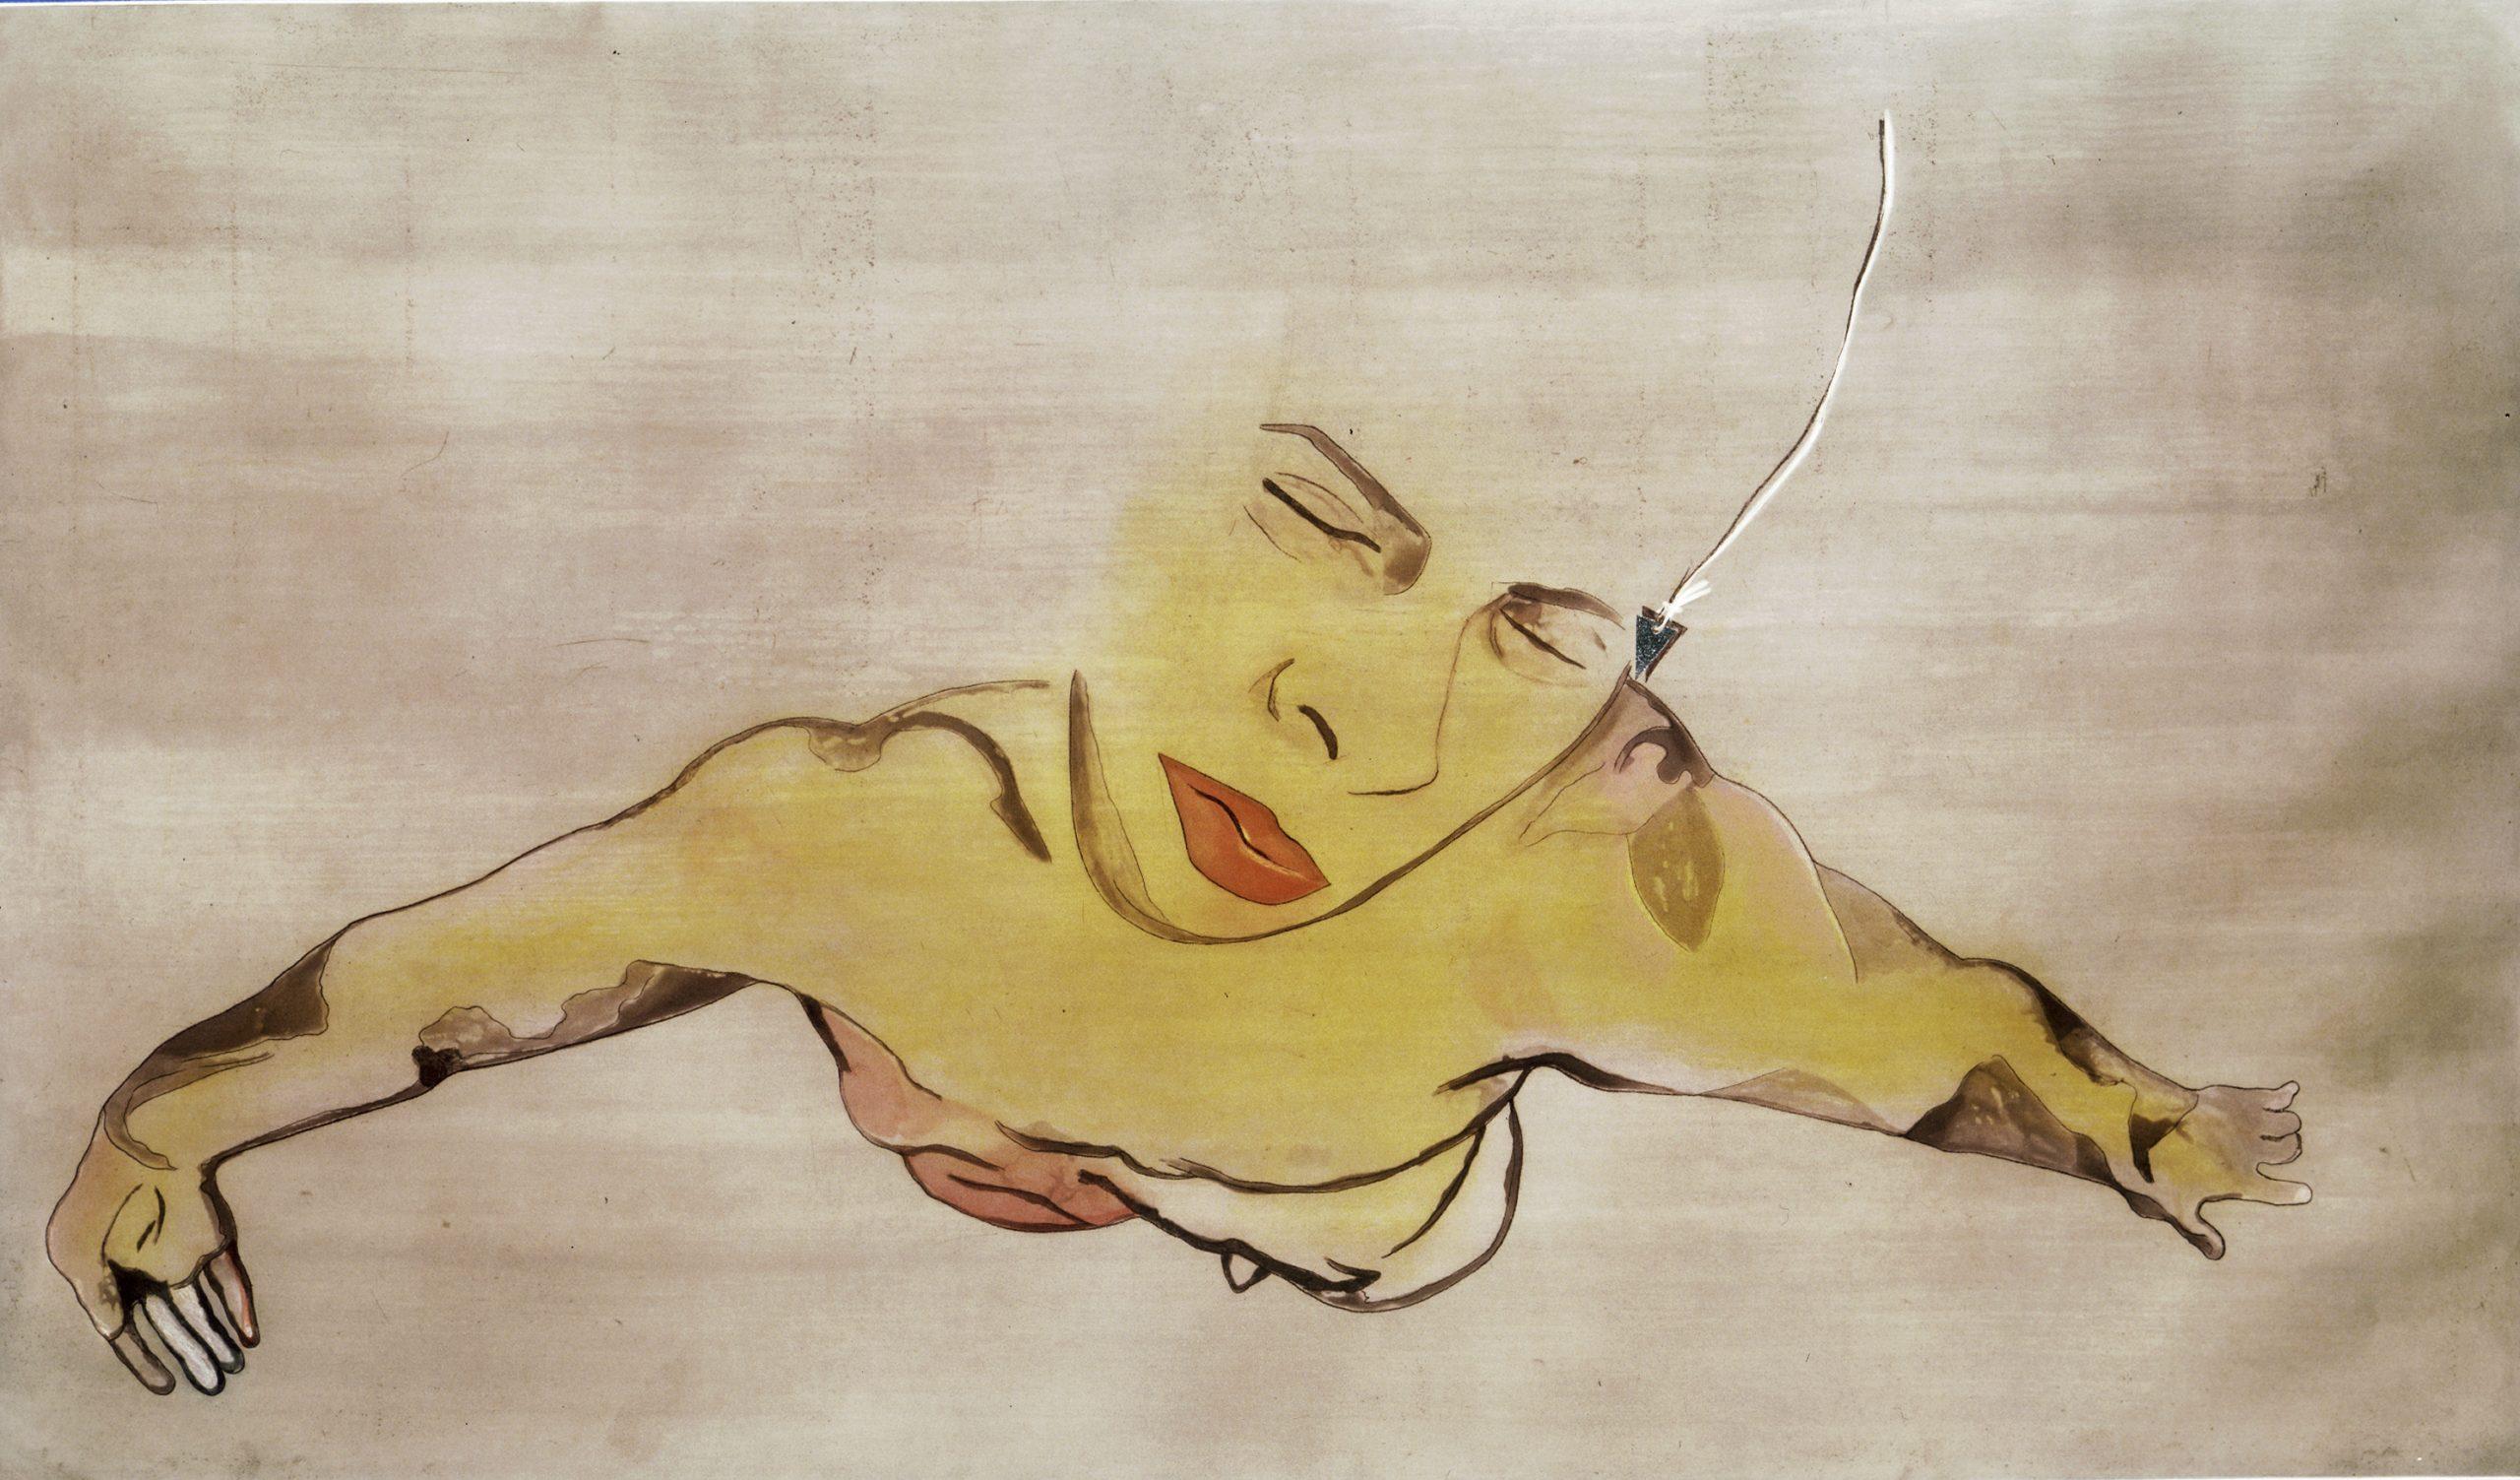 Semen by Francesco Clemente